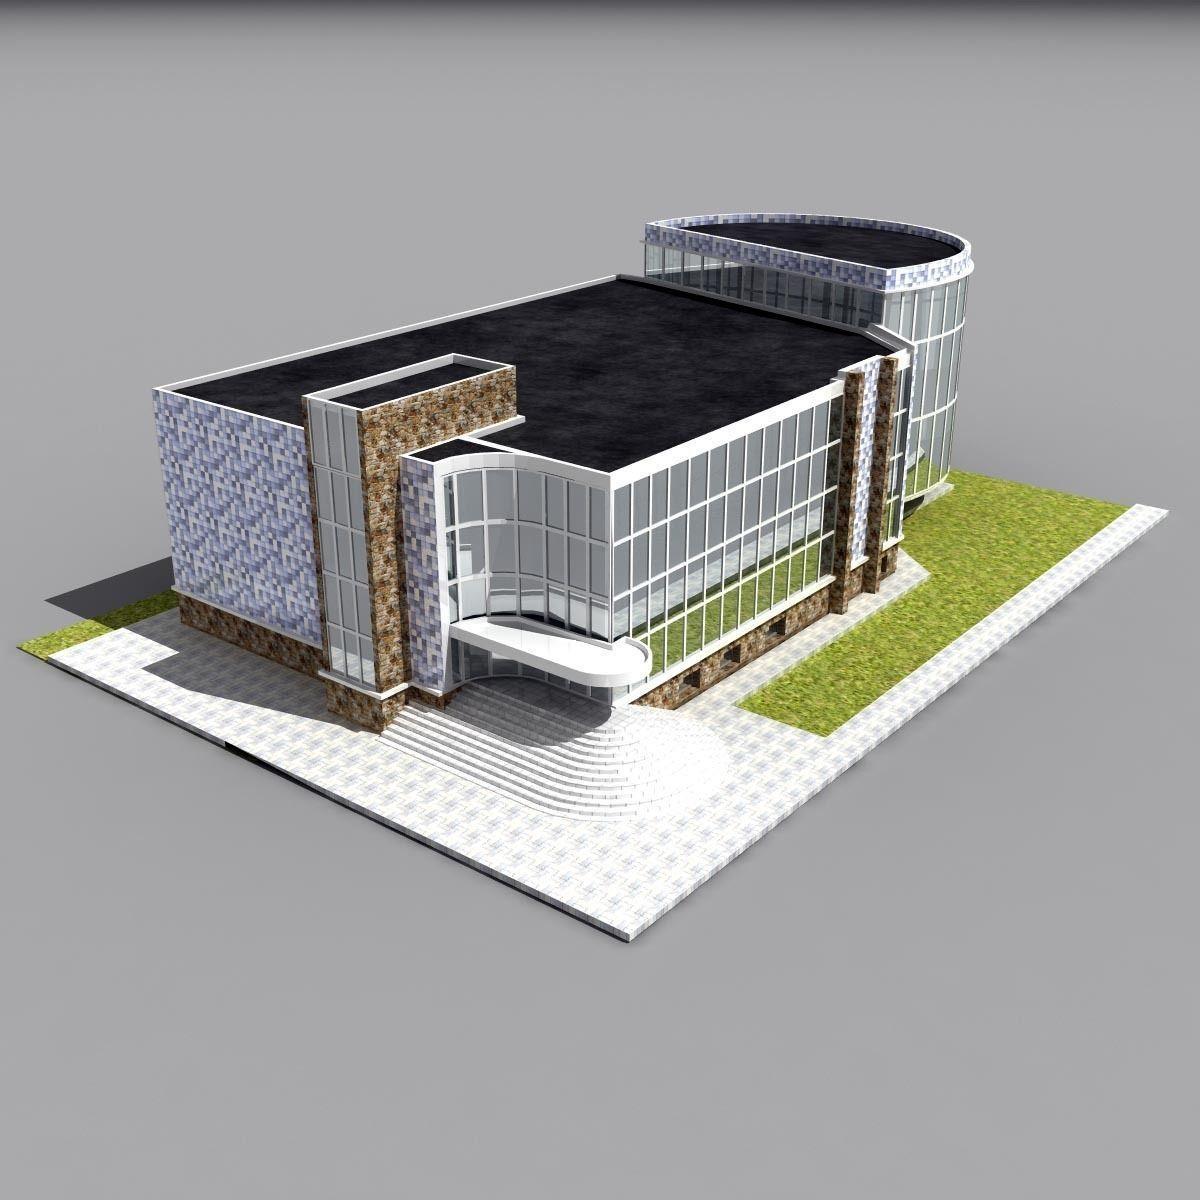 Sport school building 3d model max obj 3ds fbx for 3d max building